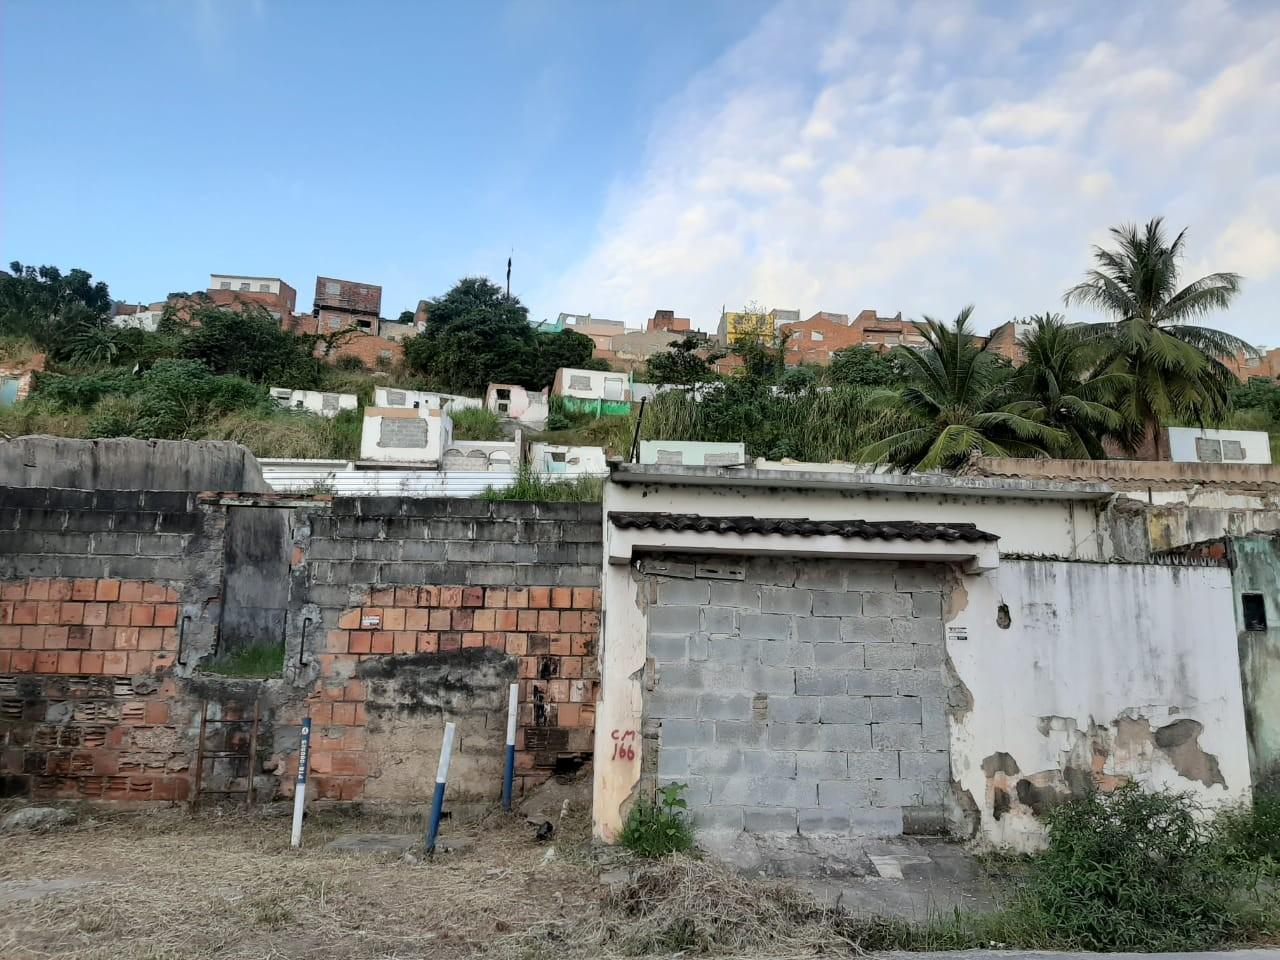 Eleitores que moravam nos bairros Bebedouro, Bom Parto e Mutange, em Maceió, precisam atualizar endereço